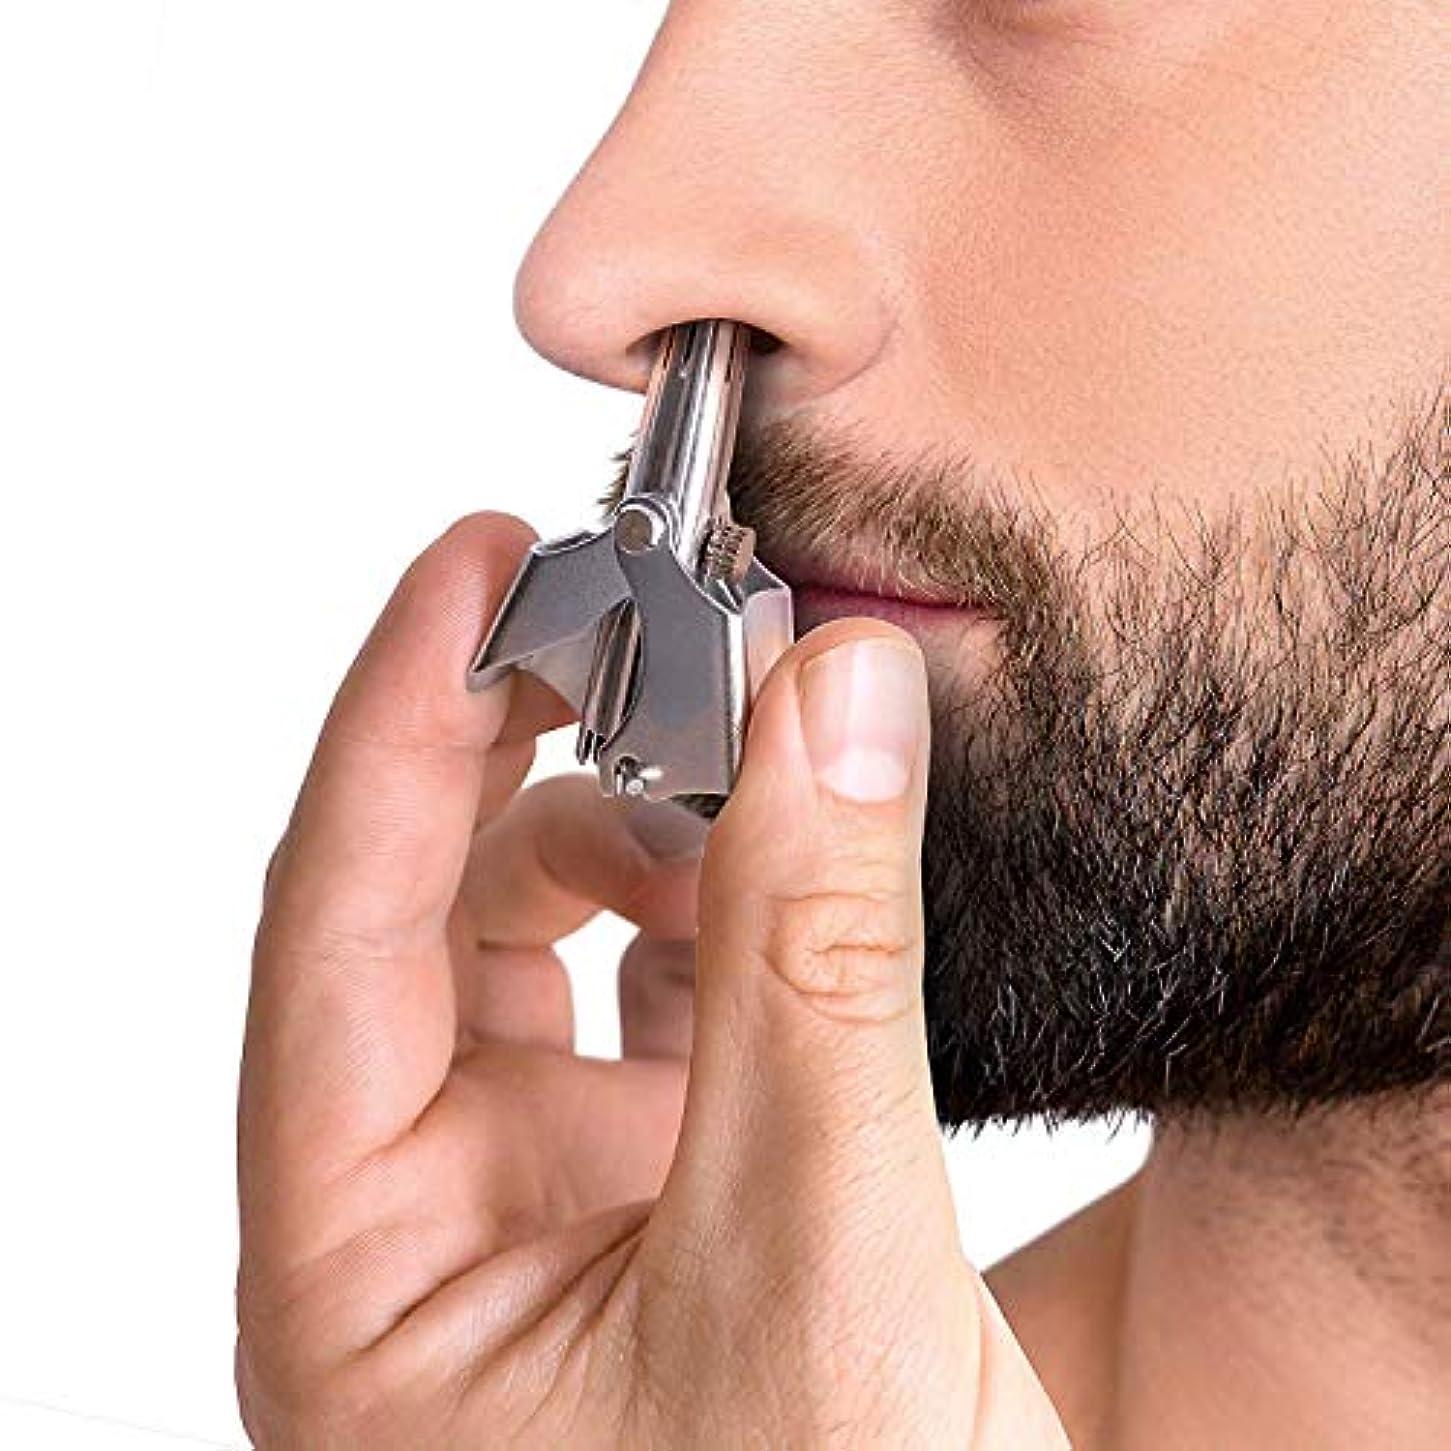 郡カブ摘む男性と女性のための手動鼻と耳のヘアトリマー(電池不要)、ステンレス鋼鼻毛リムーバー(電池なしの作品)